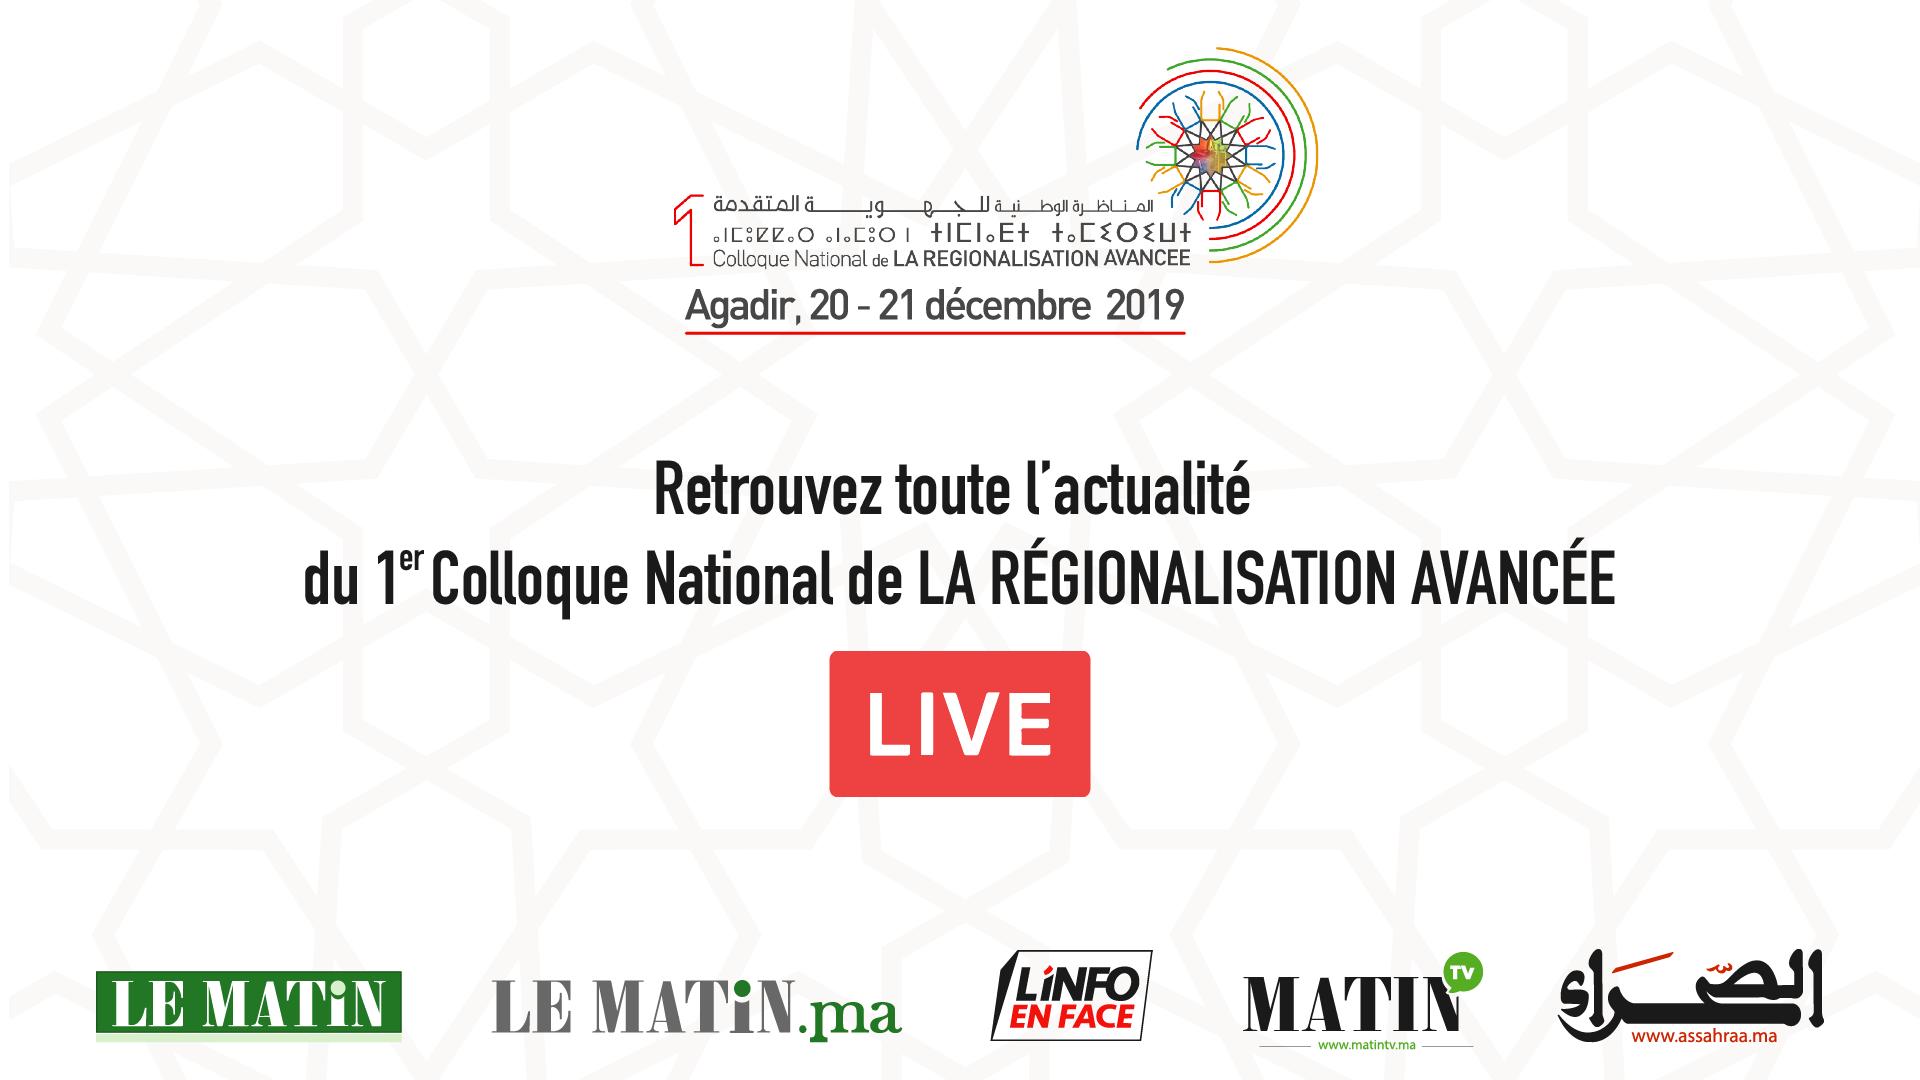 Live : Atelier 2 : La démocratie participative, un levier de la régionalisation avancée